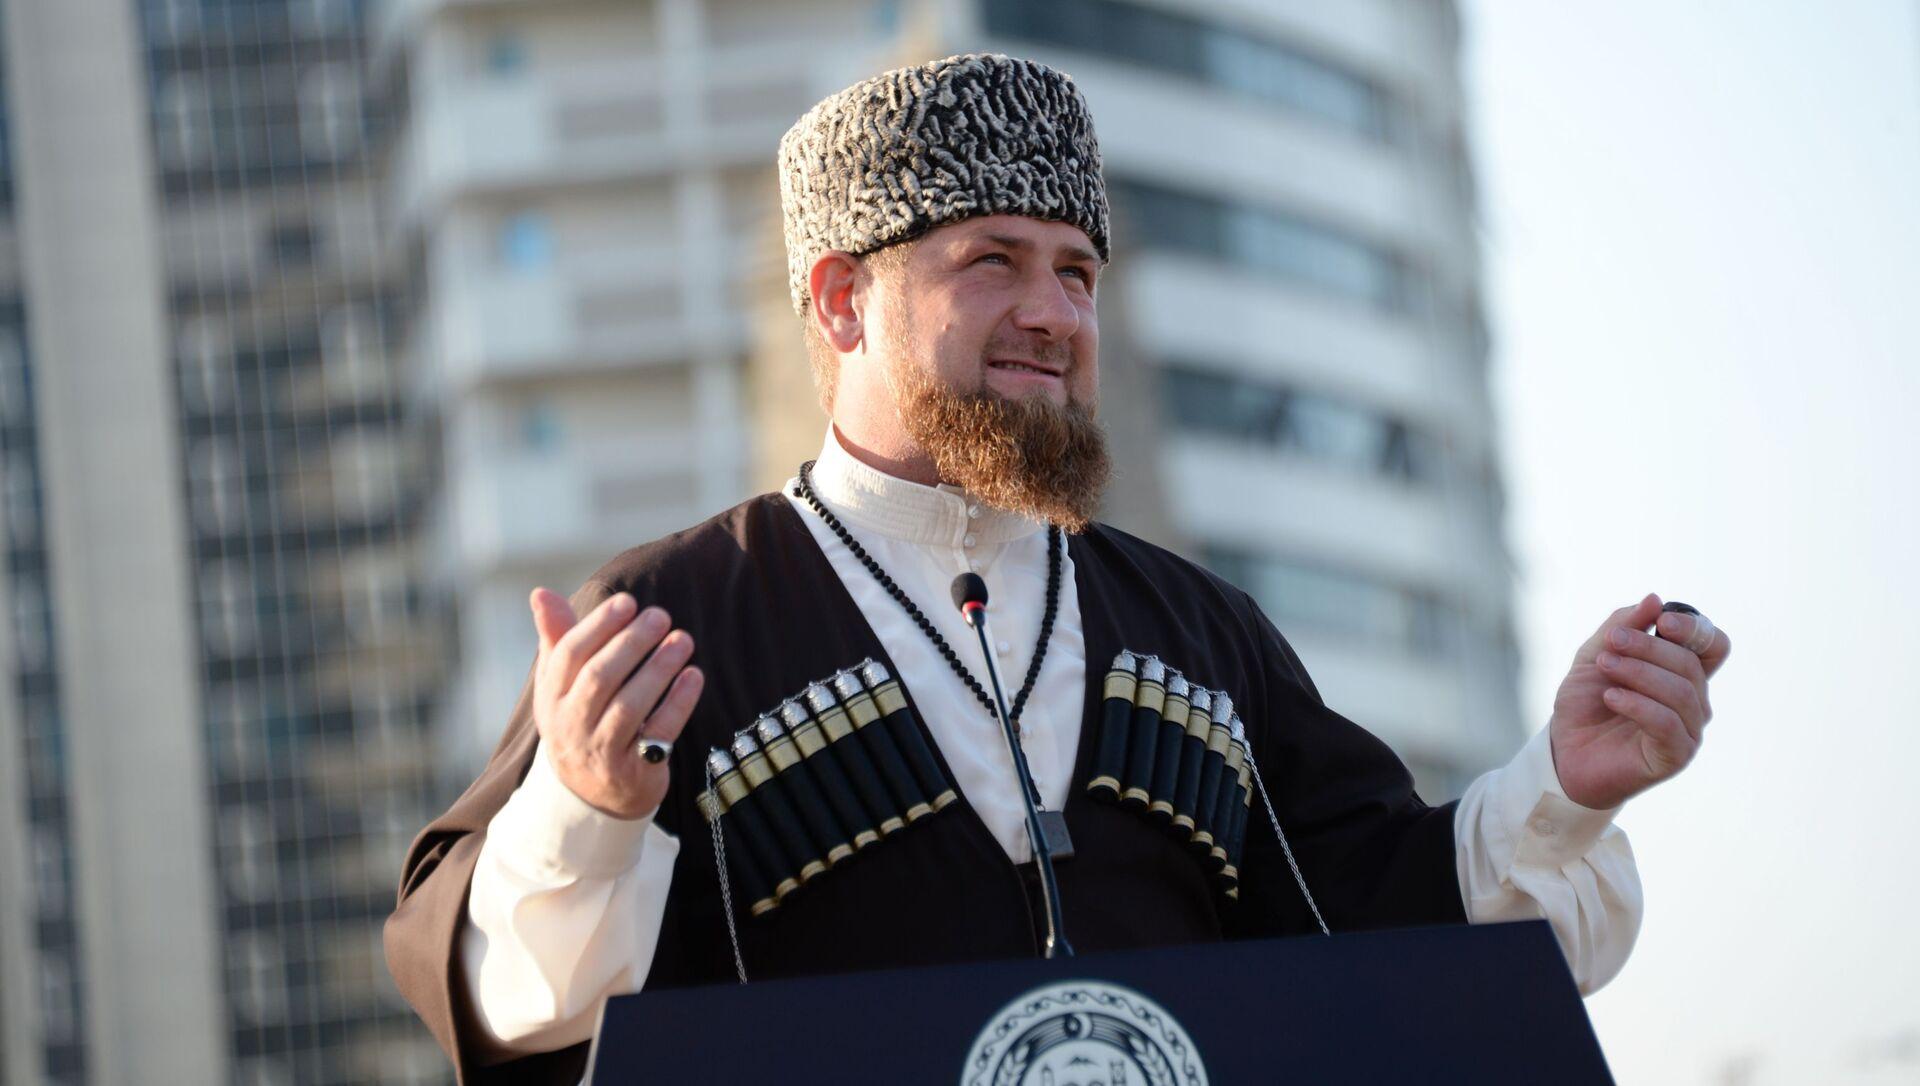 Szef Czeczeńskiej Republiki Ramzan Kadyrow - Sputnik Polska, 1920, 01.04.2021